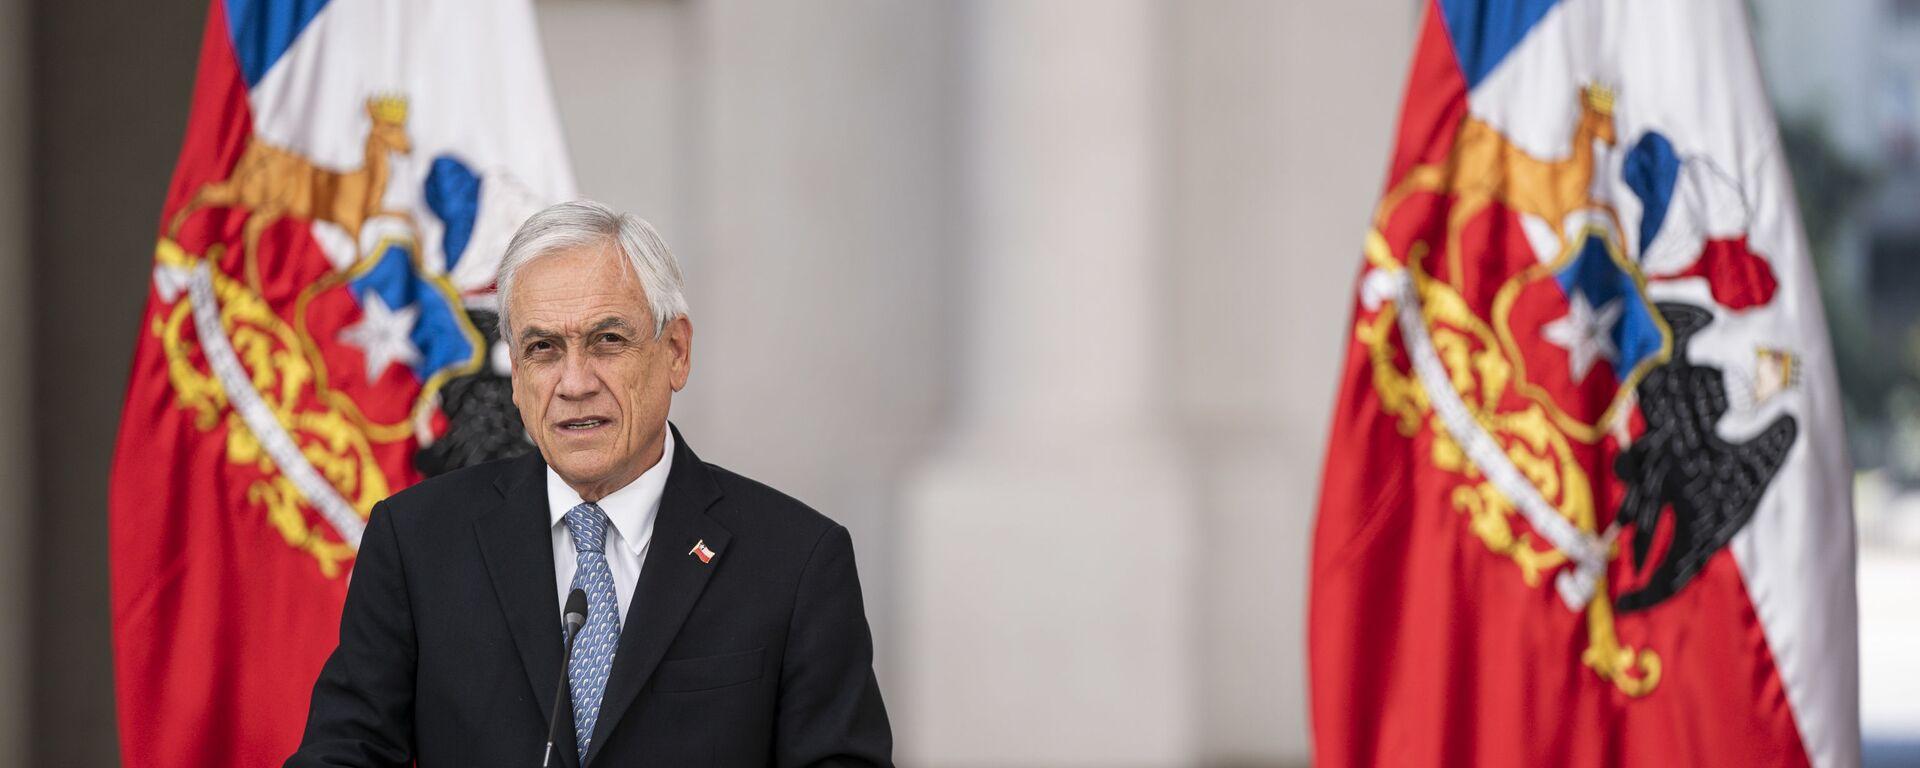 El presidente chileno Sebastián Piñera - Sputnik Mundo, 1920, 12.03.2021